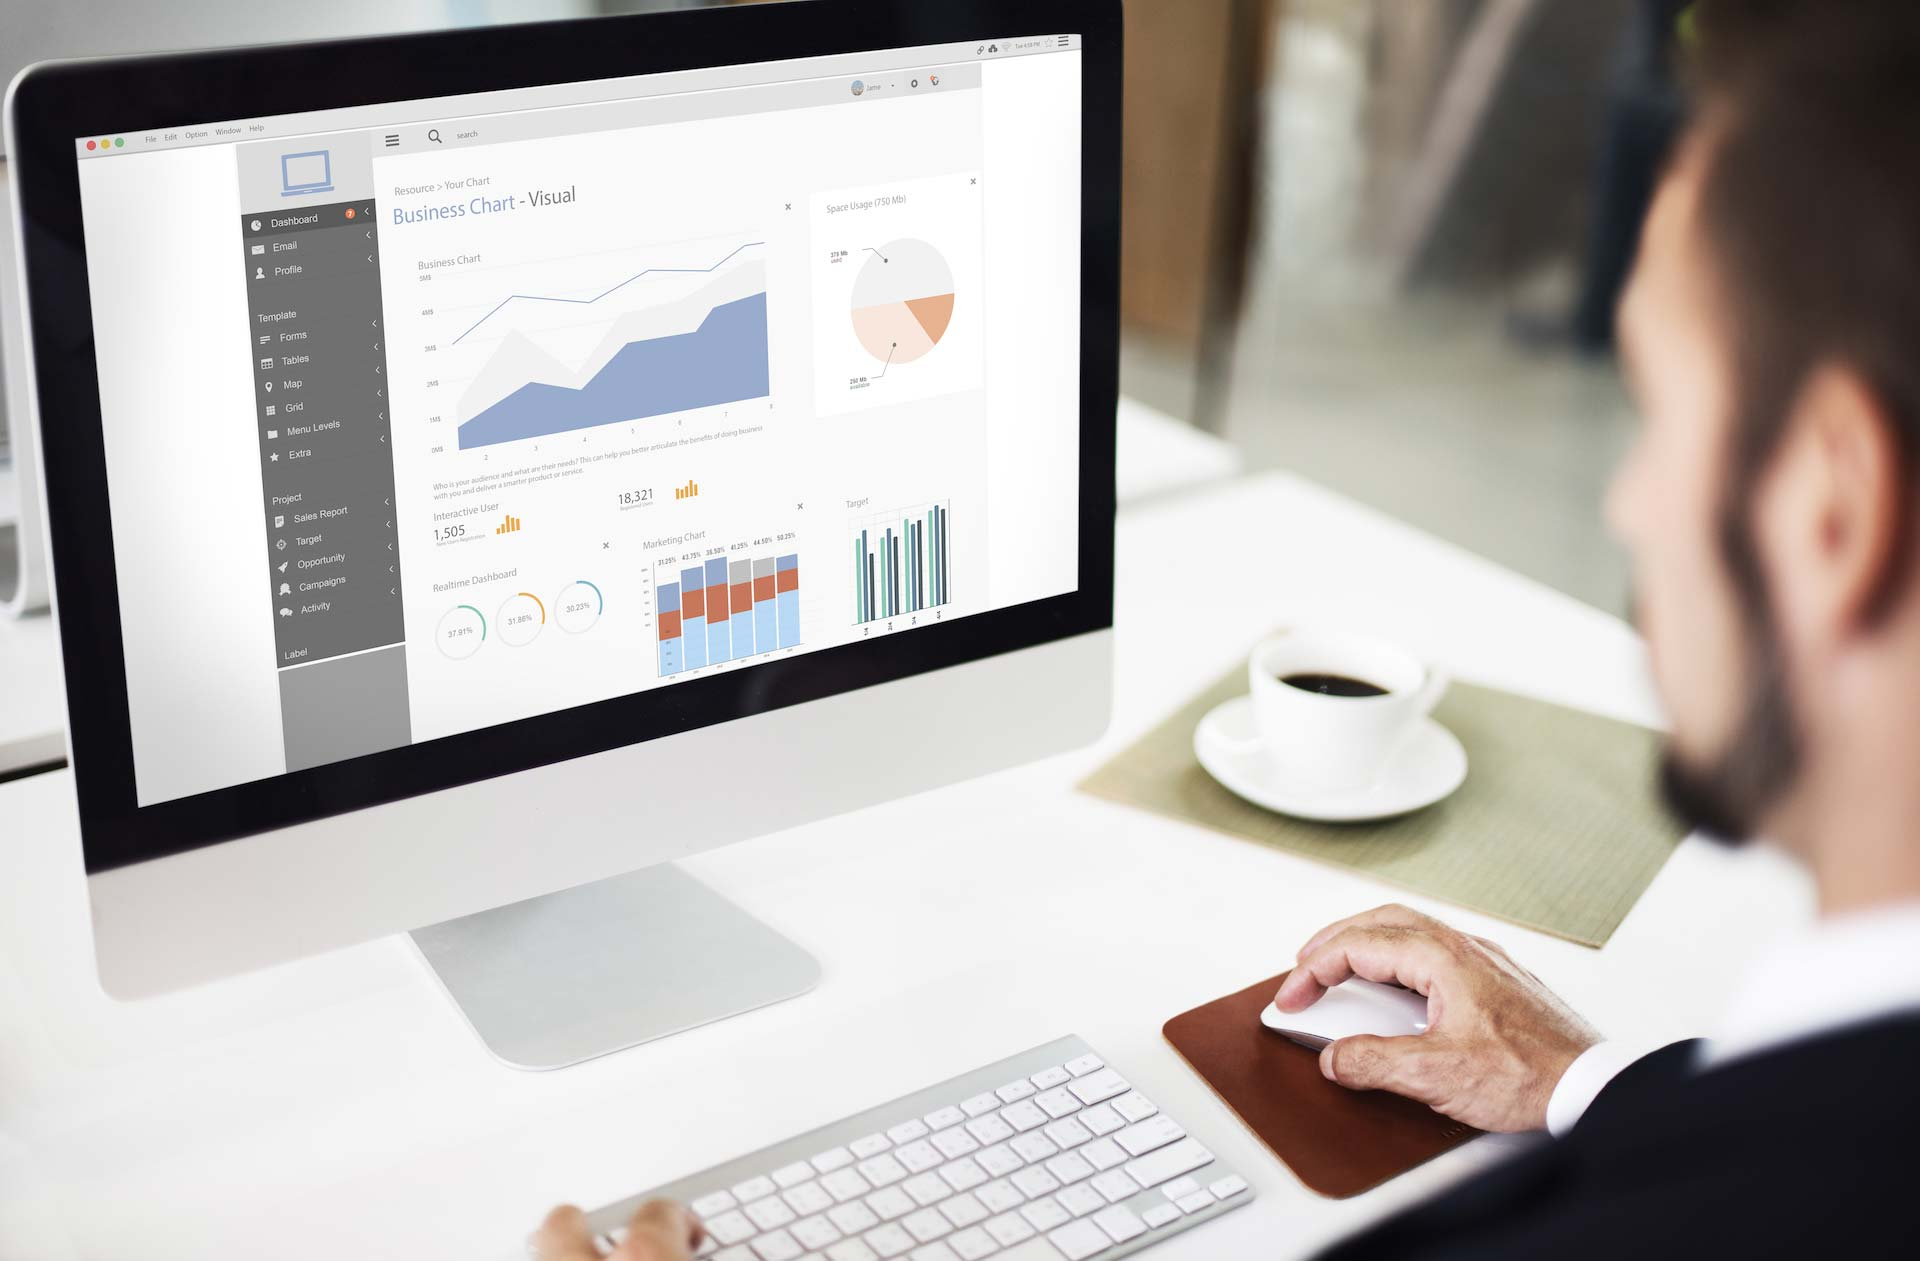 Les 7 raisons d'opter pour le développement de votre Application Web